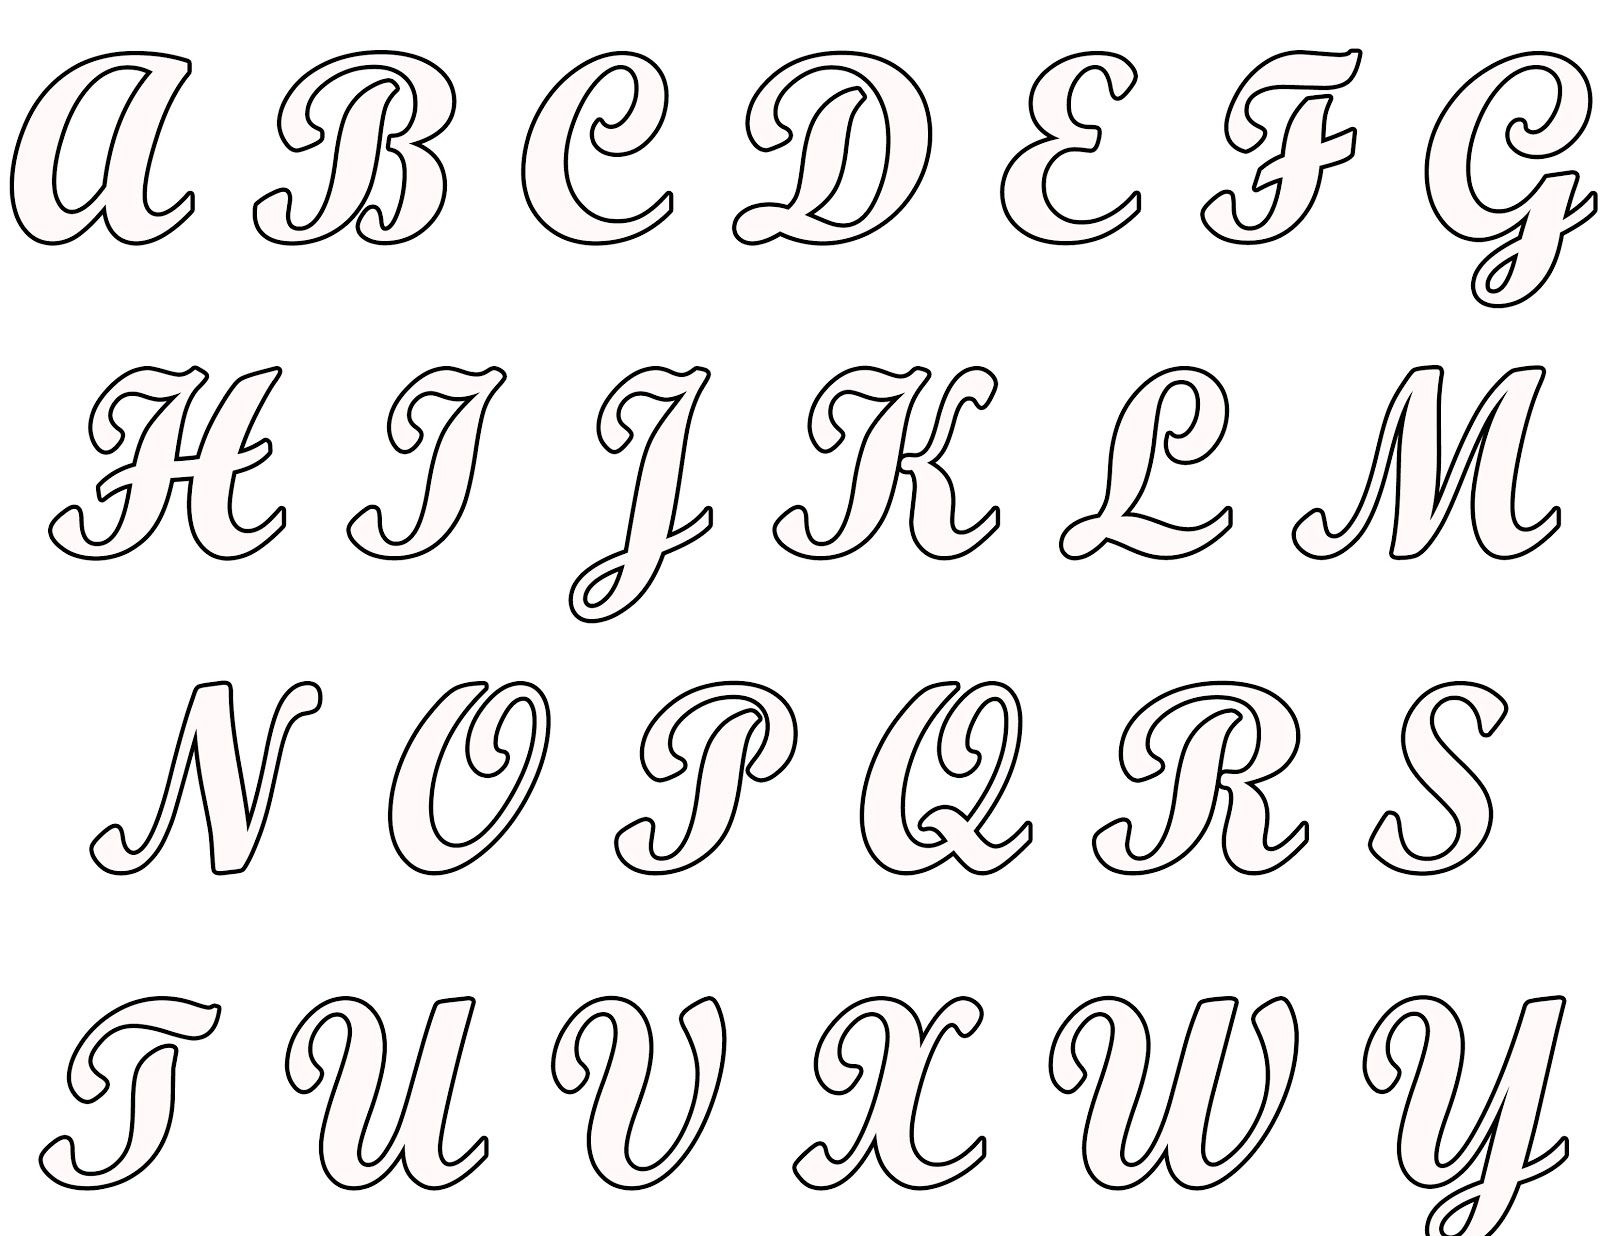 Bom três exemplos diferentes de alfabeto maiúsculo e